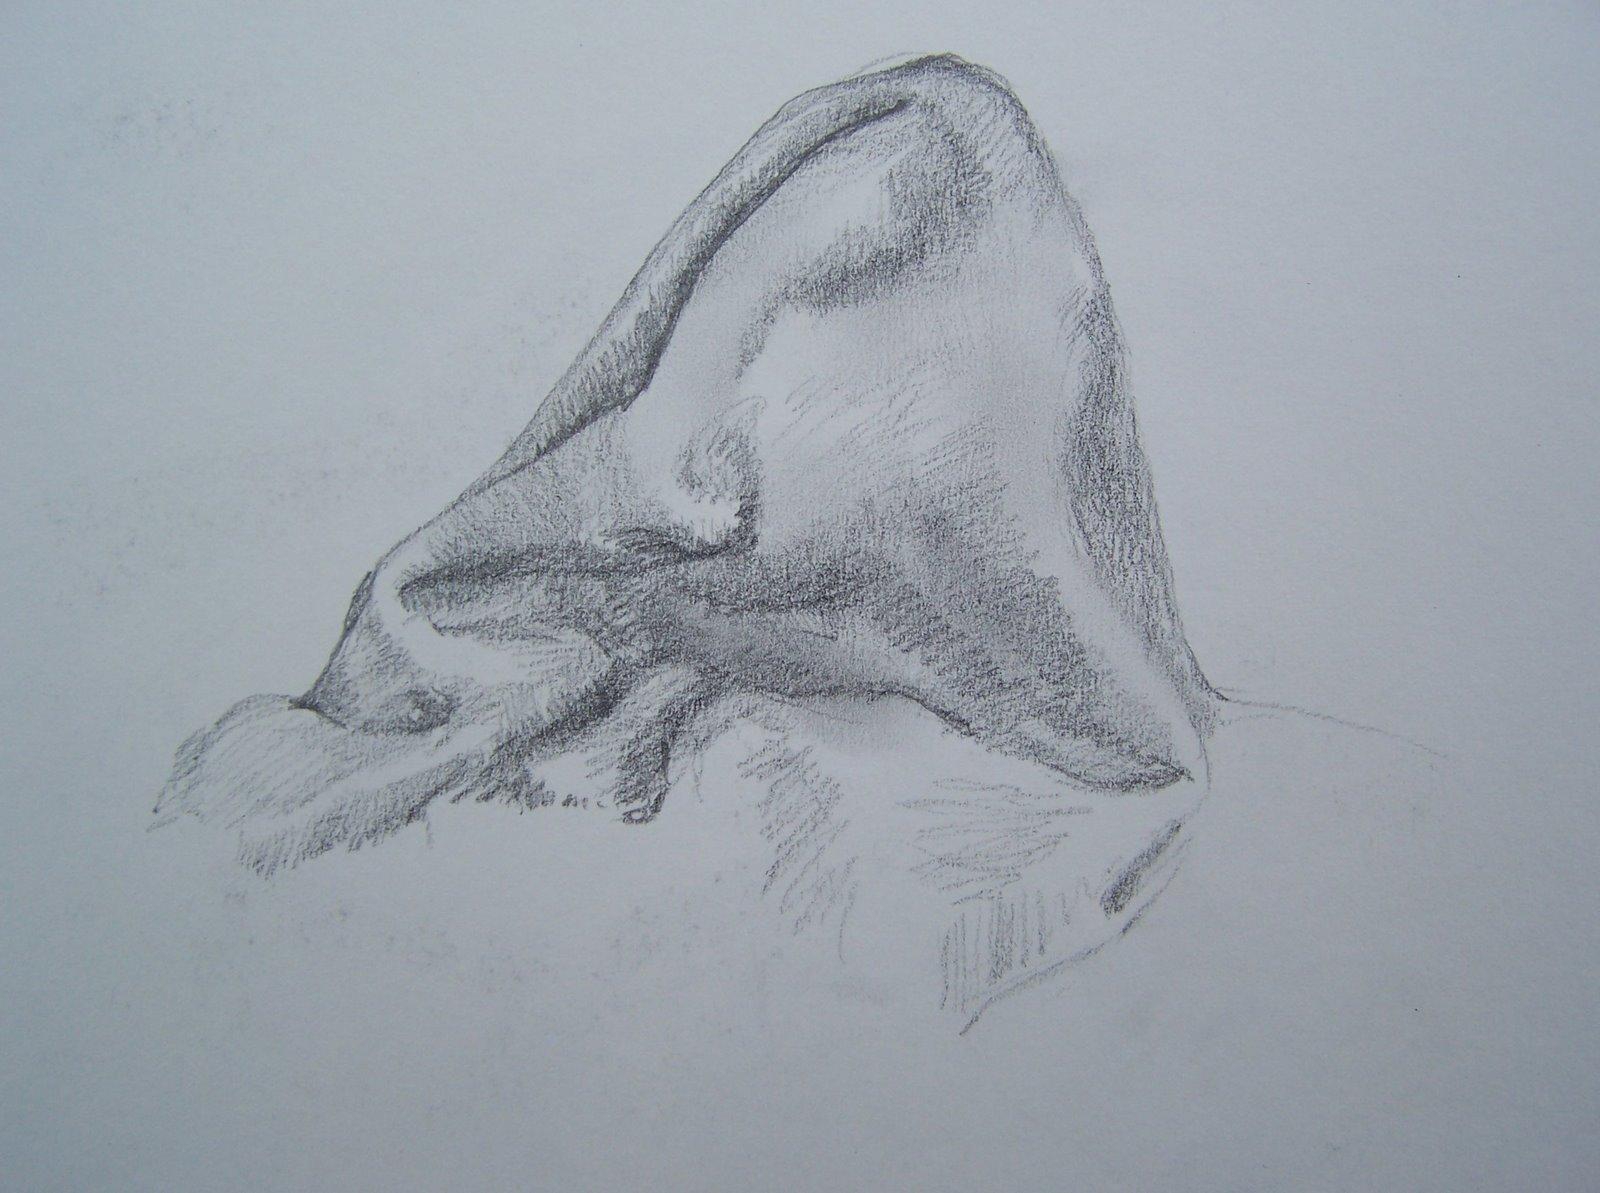 Drawn pillow durer Pillow Durer's a drew He